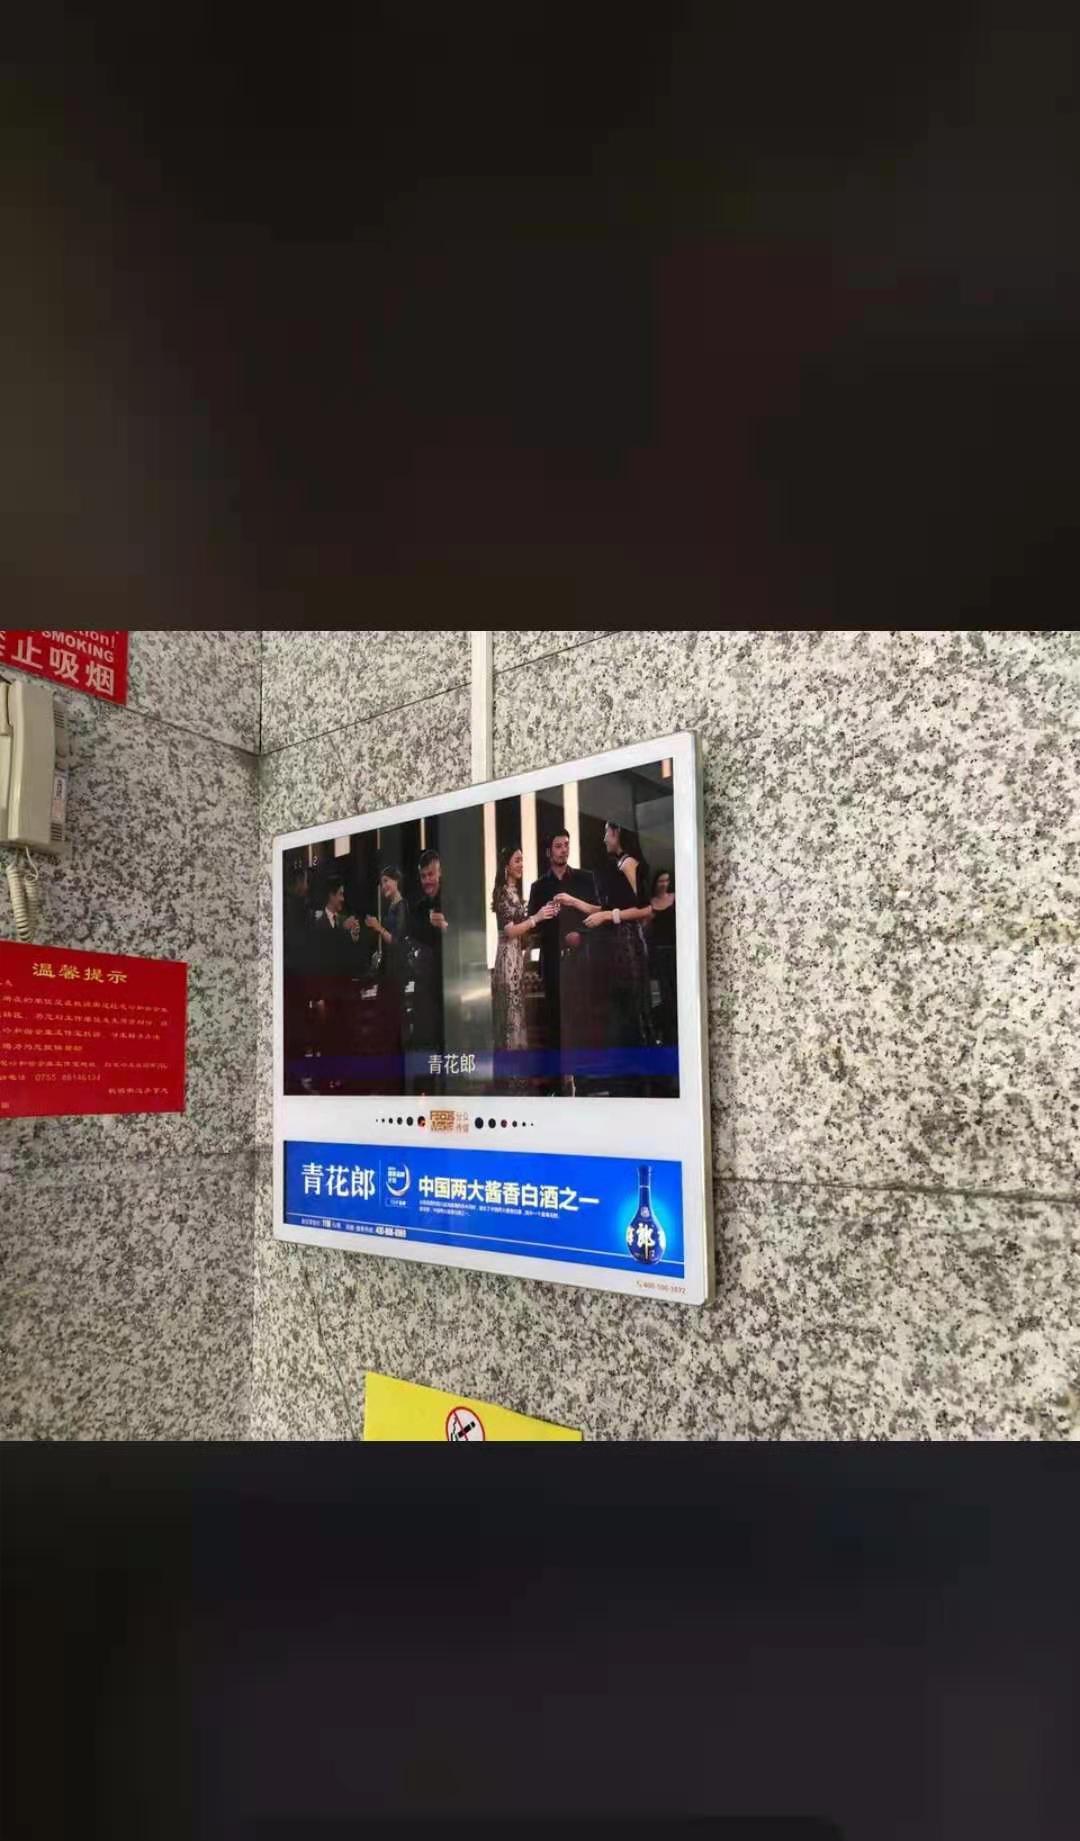 21.5寸+19.1寸电梯广告机